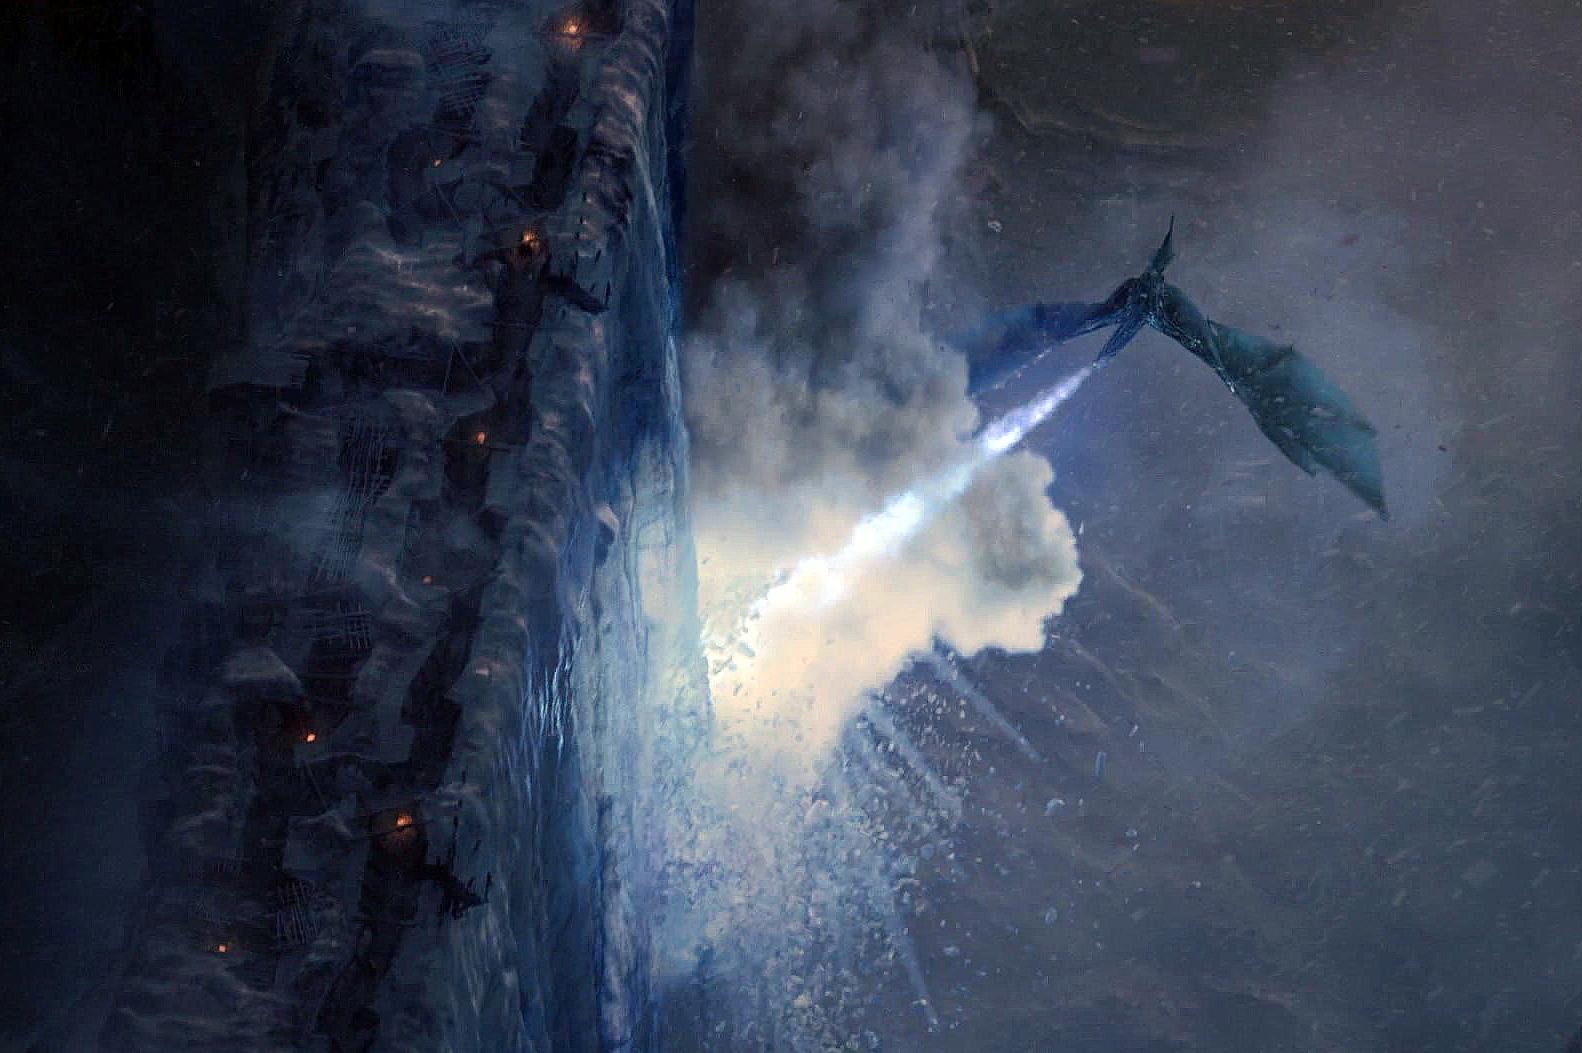 Короли и драконы: кто выживет в финале «Игры престолов»